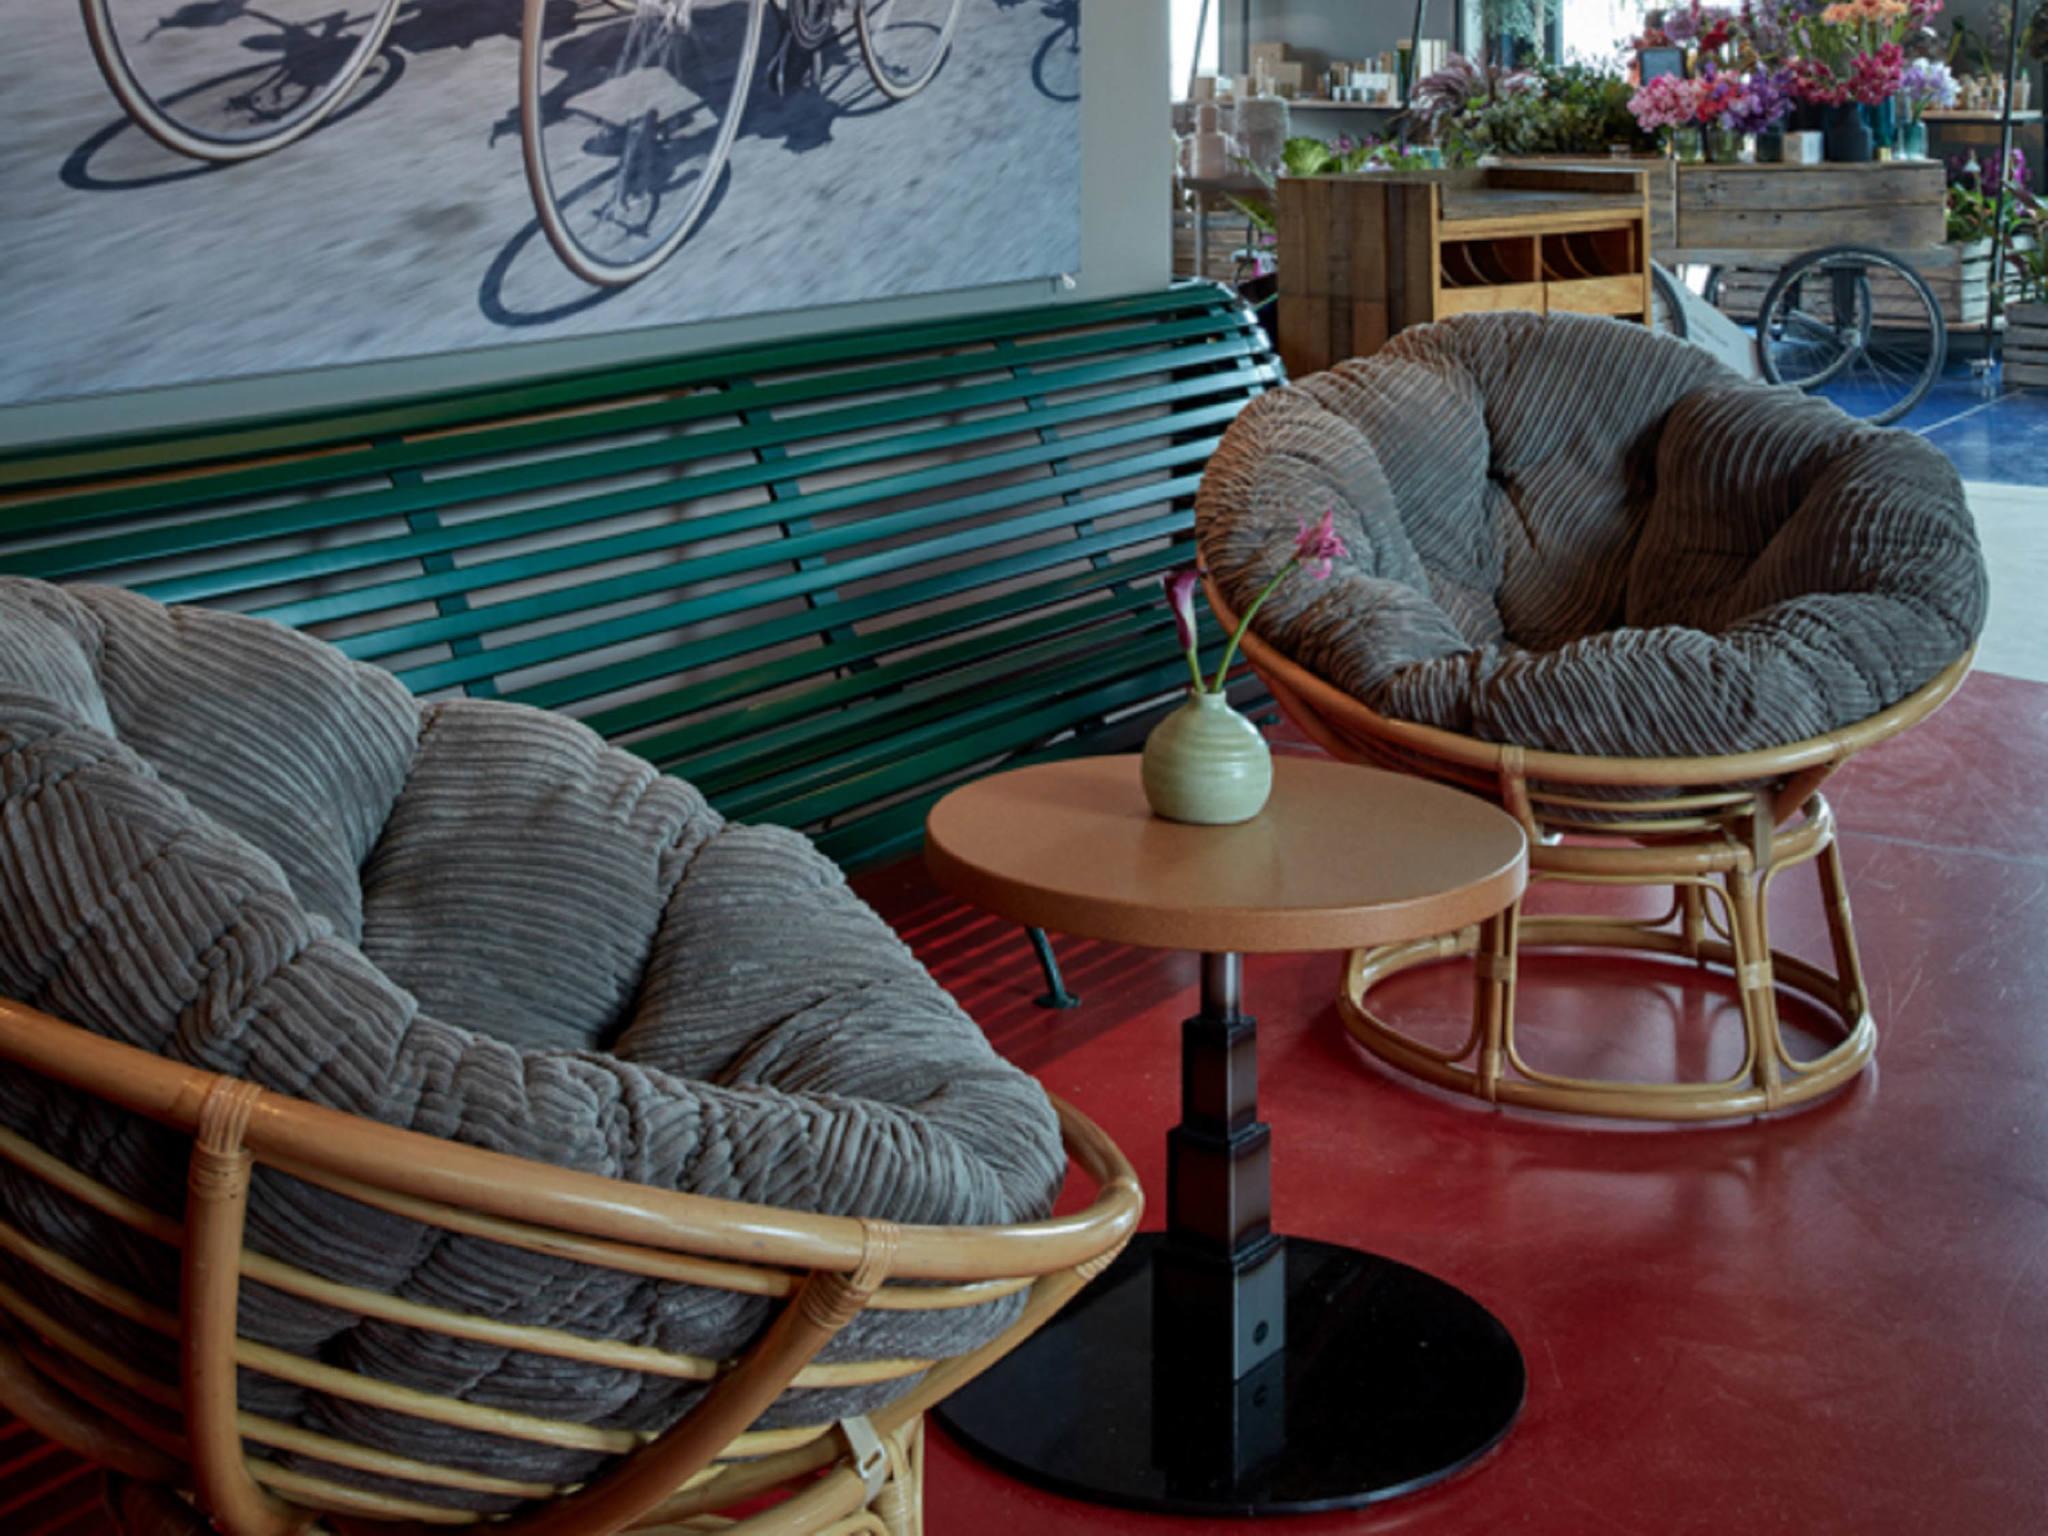 Hotel - 25hours Hotel Duesseldorf Das Tour